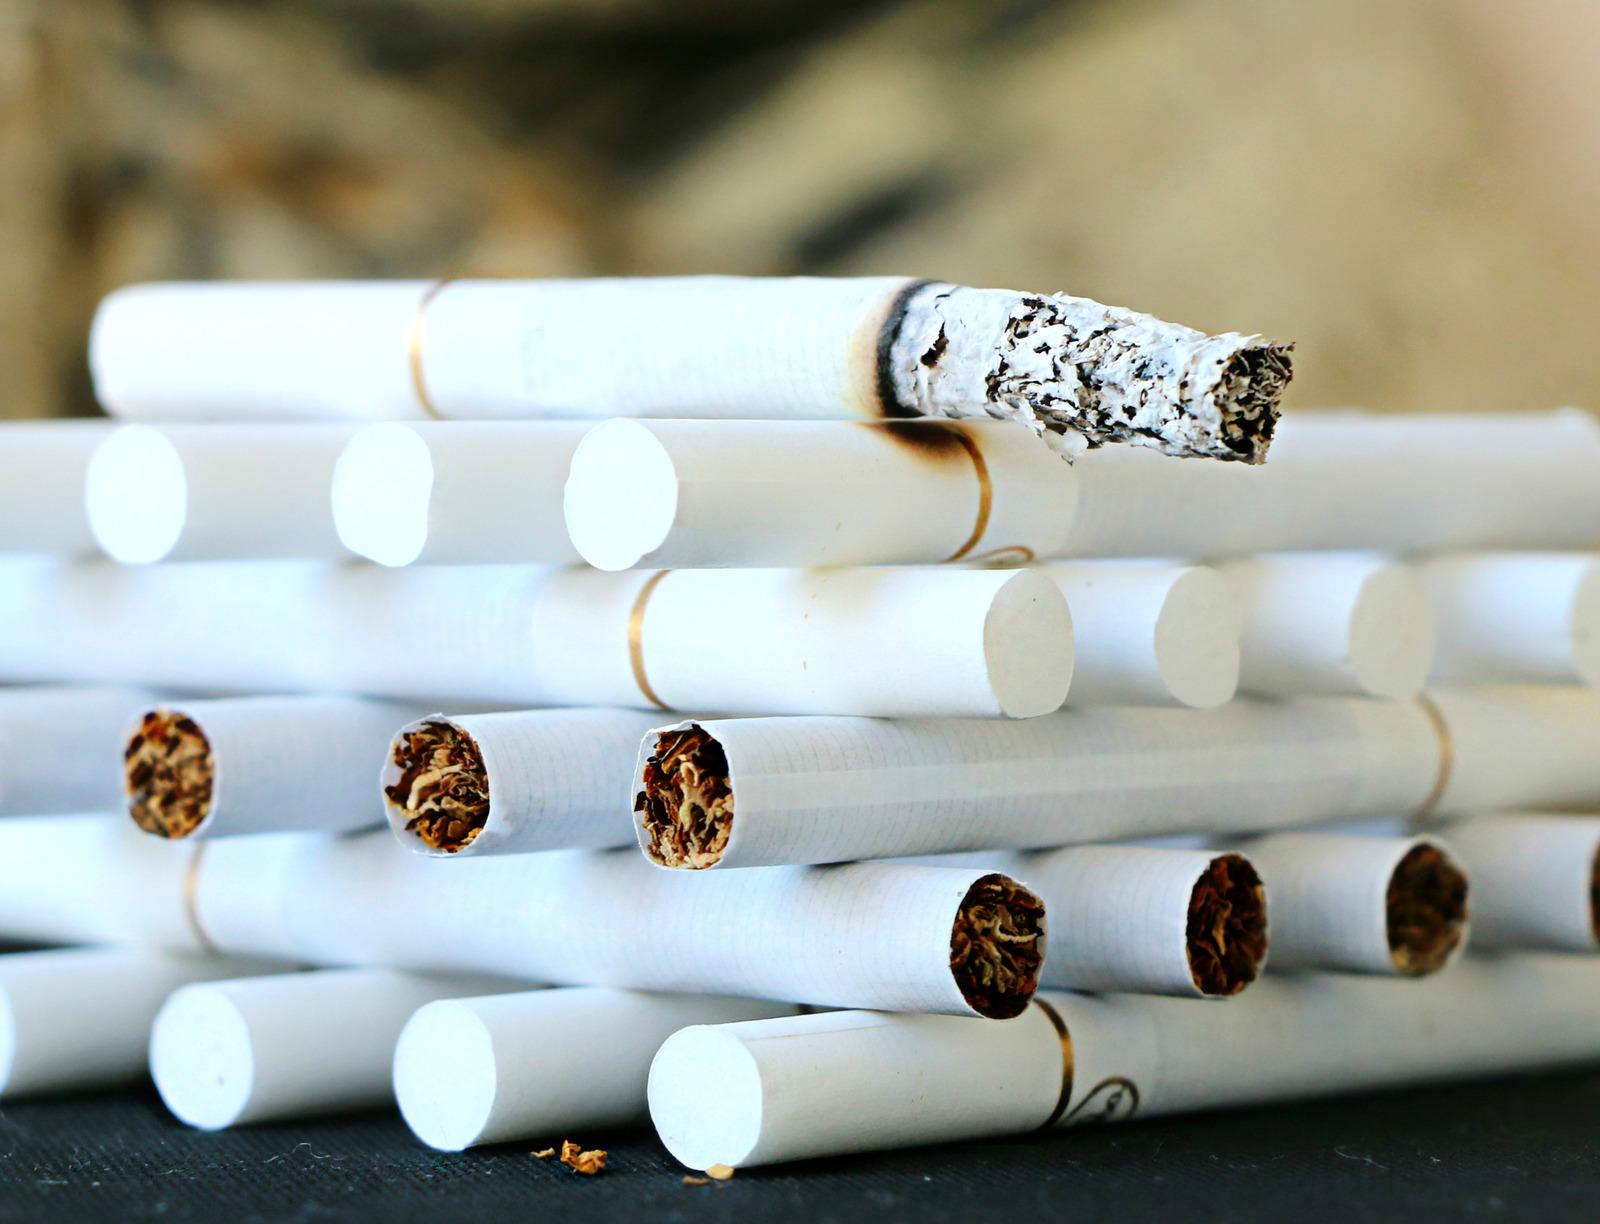 Bureau de tabac de l'Hôtel Restaurant Poujol Chez Ricou au Massegros